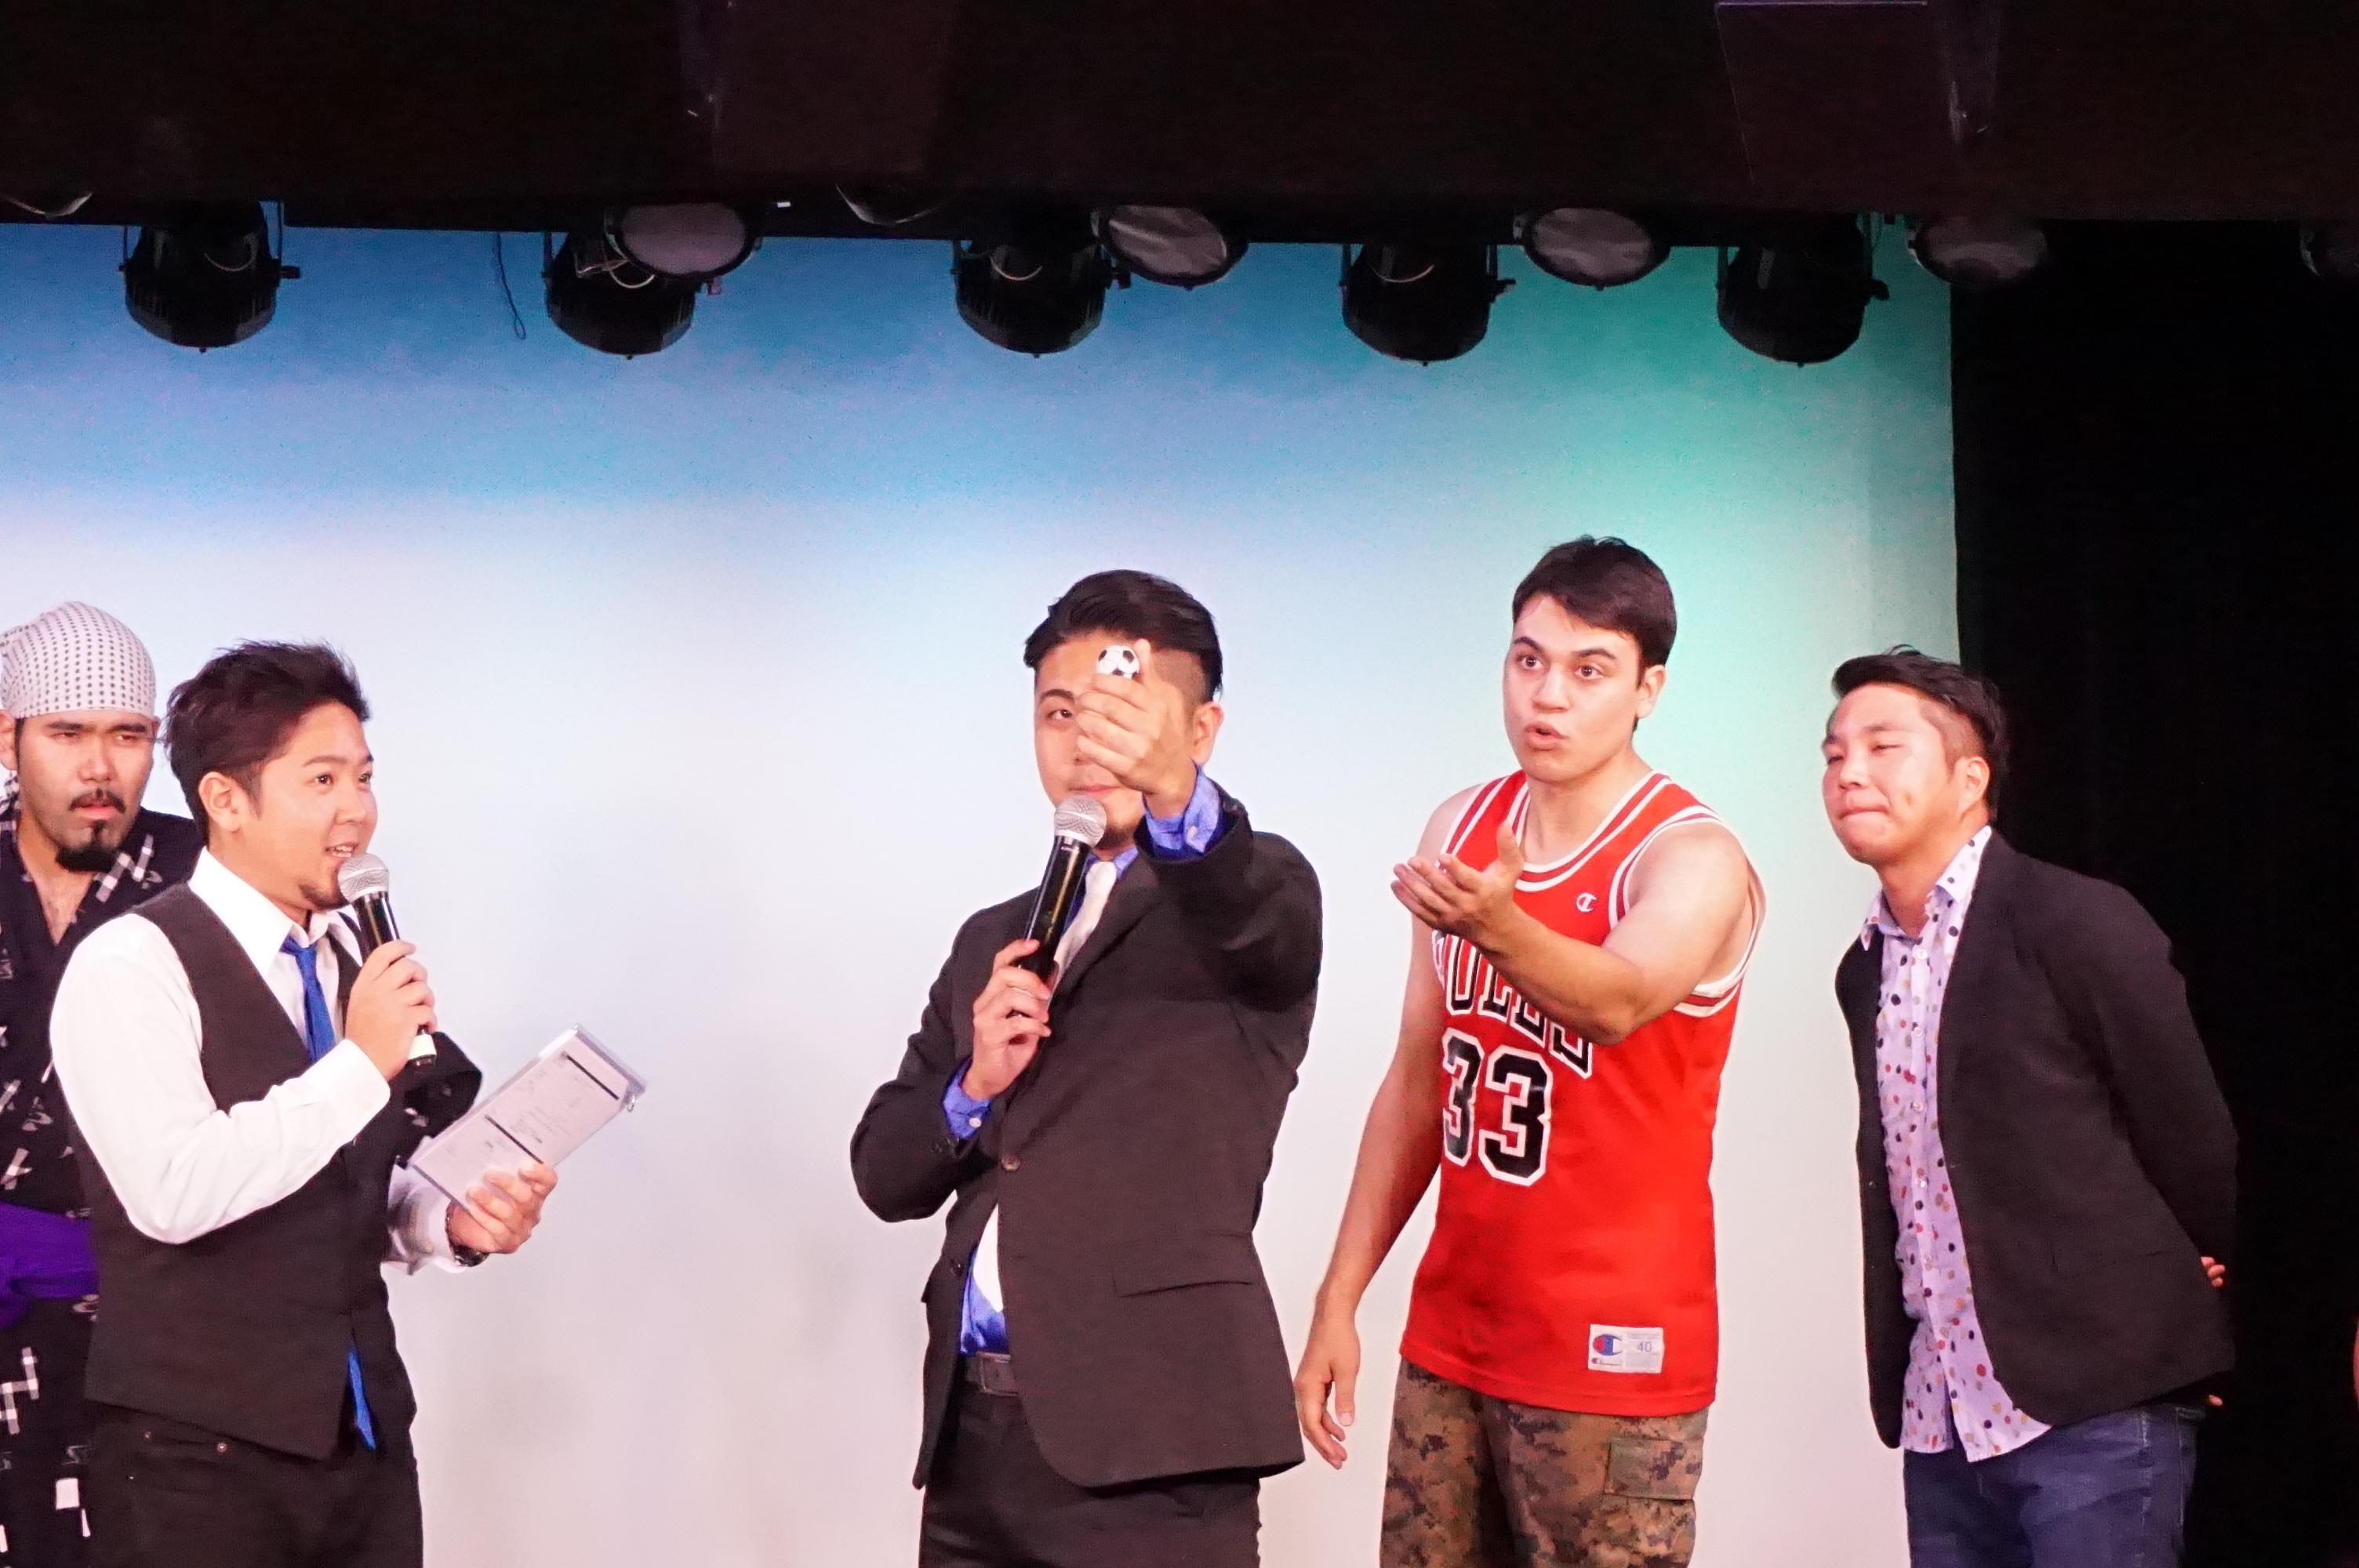 http://news.yoshimoto.co.jp/20180724164726-0baf7f634dfe689e86ffe2be67bcee09f9deba36.jpg